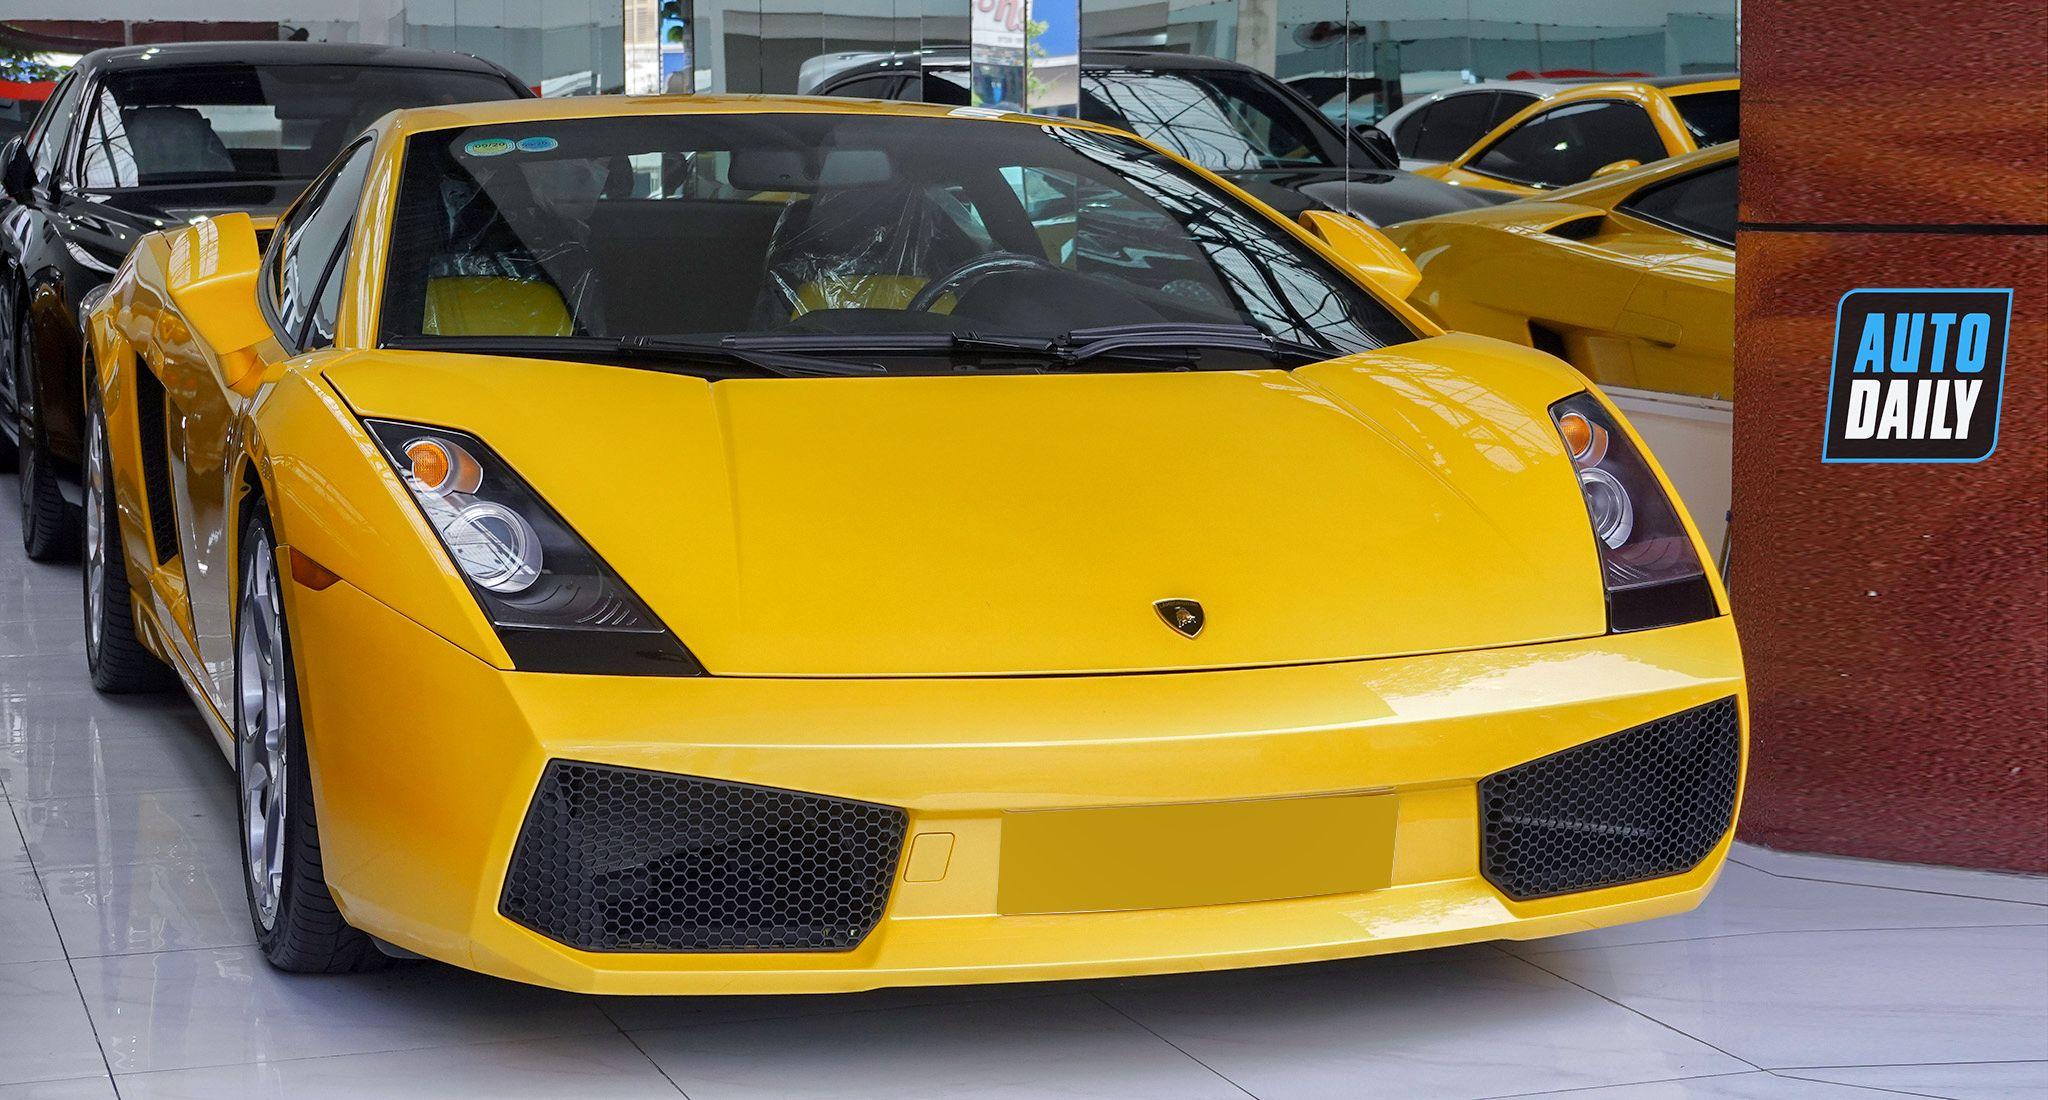 Hồi sinh huyền thoại Lamborghini Gallardo đẹp như mới tại Việt Nam